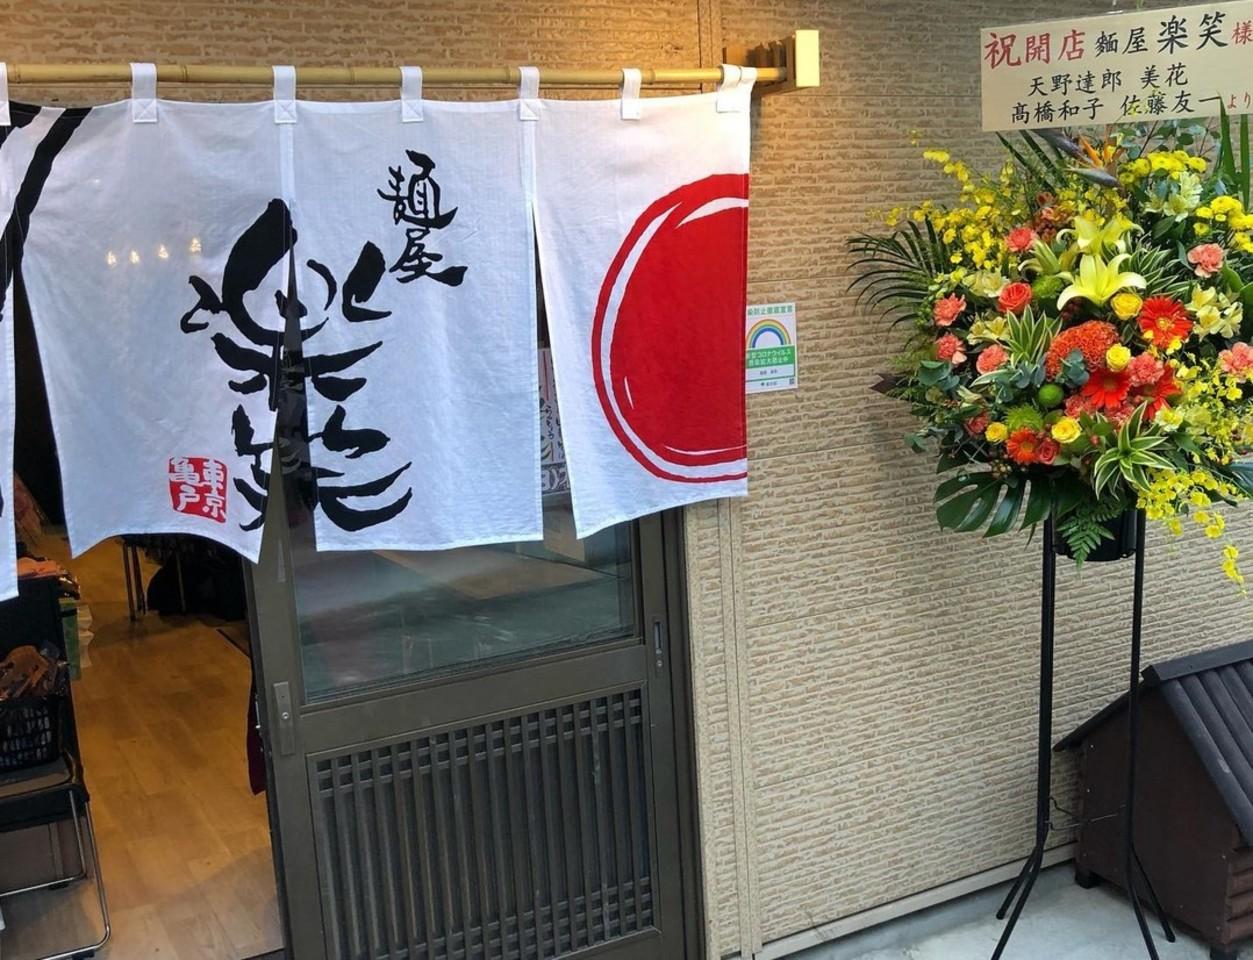 東京都江東区亀戸5丁目に「麺屋 楽笑」が本日グランドオープンされたようです。